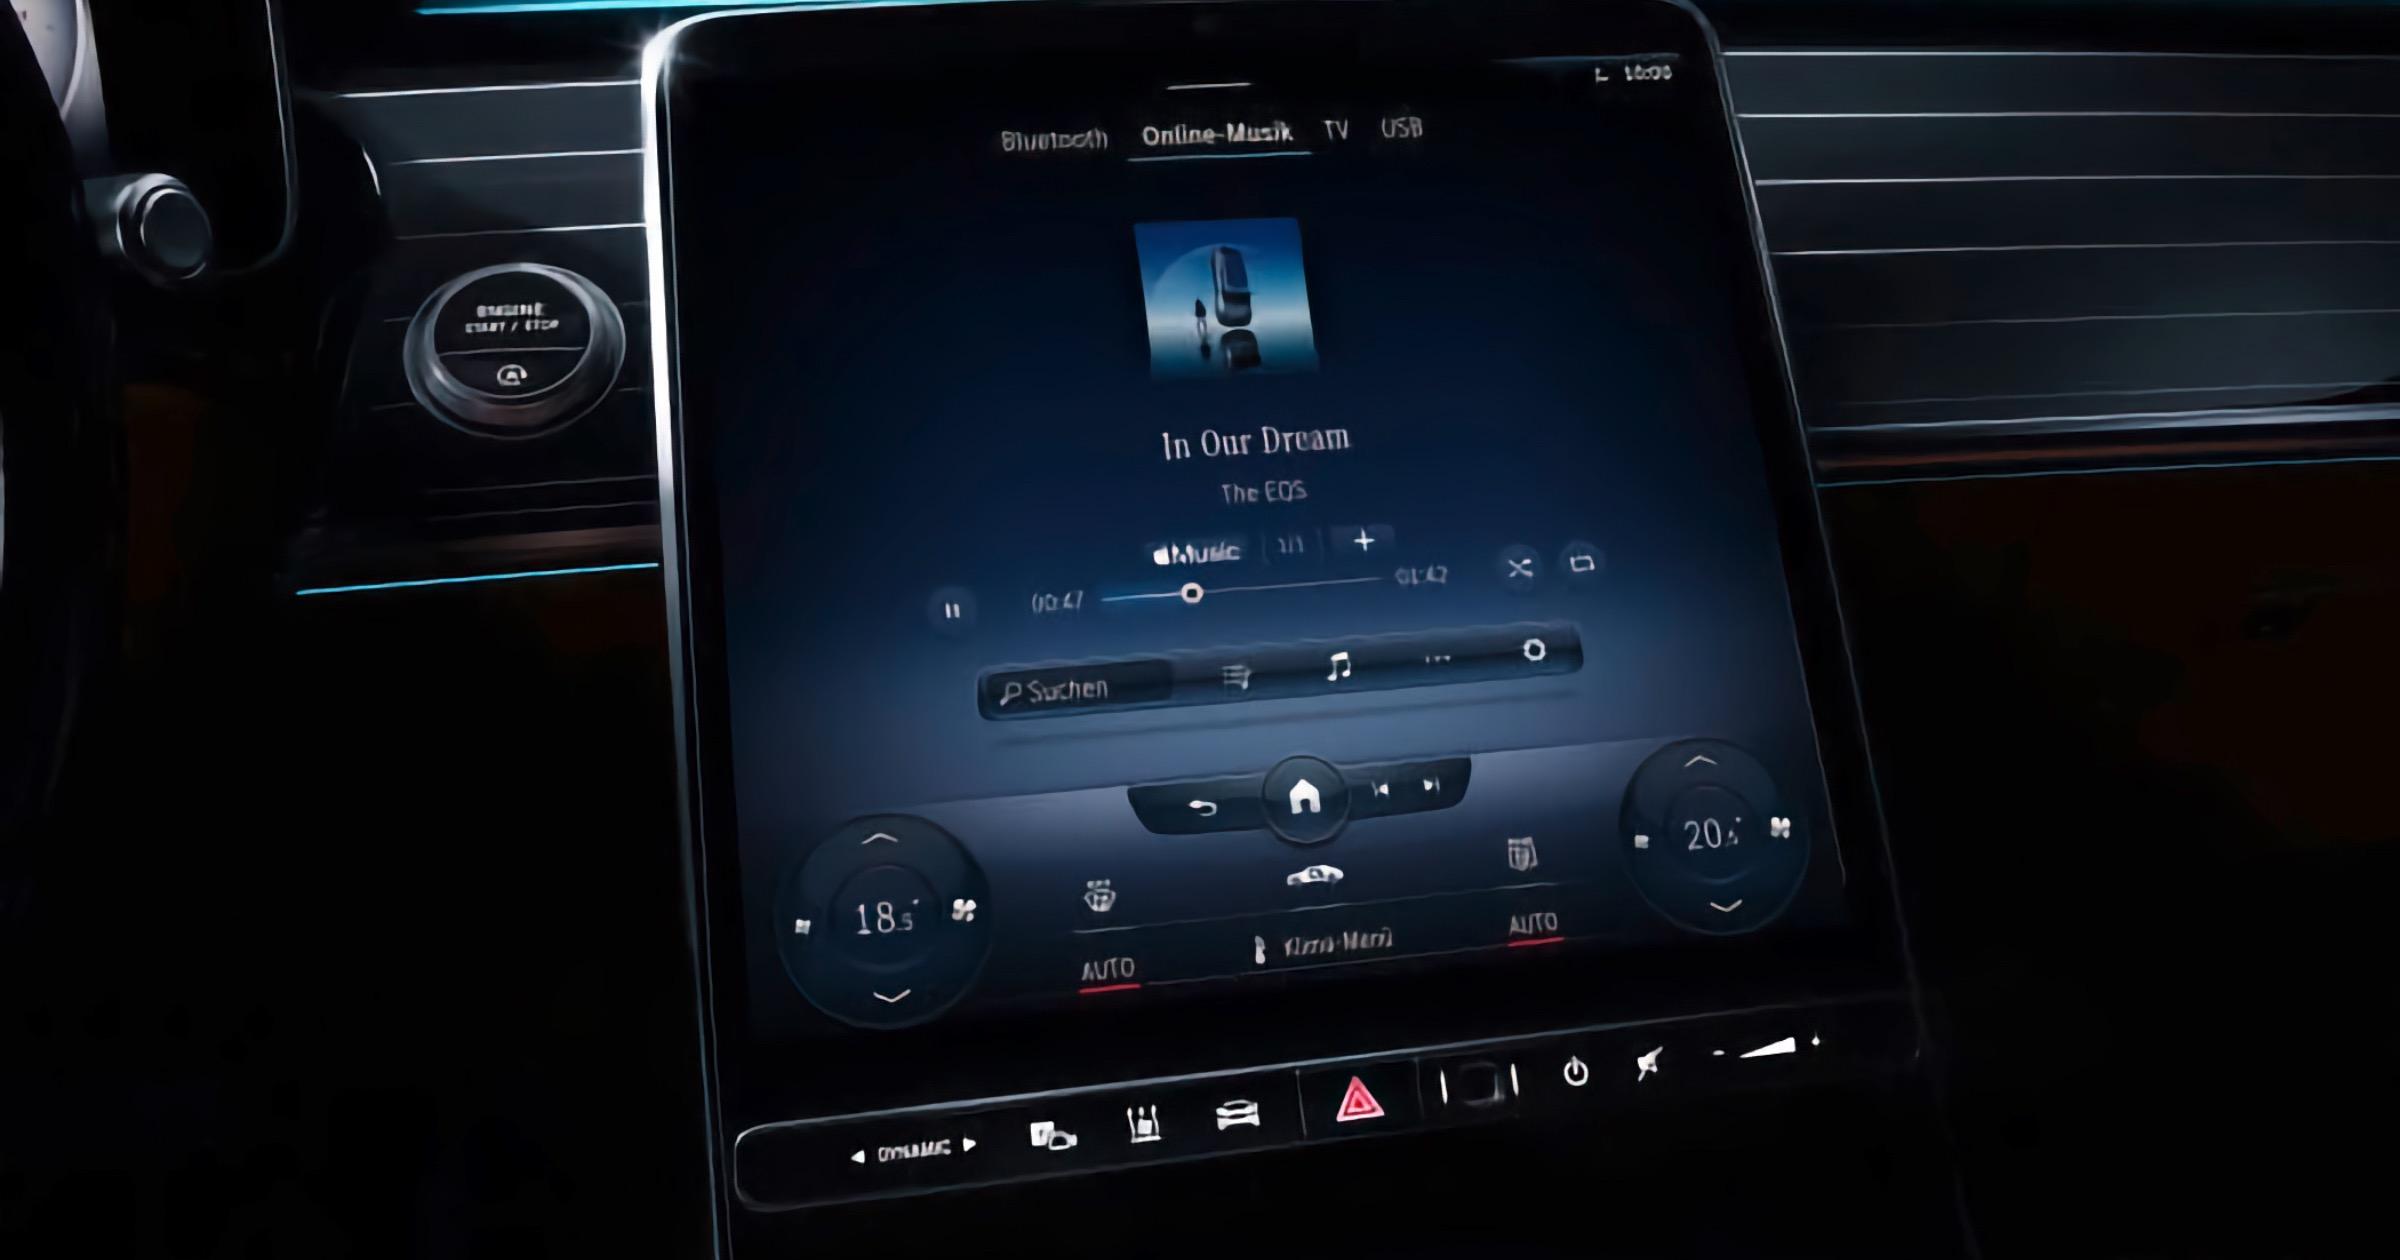 Mercedes-Benz Apple Music